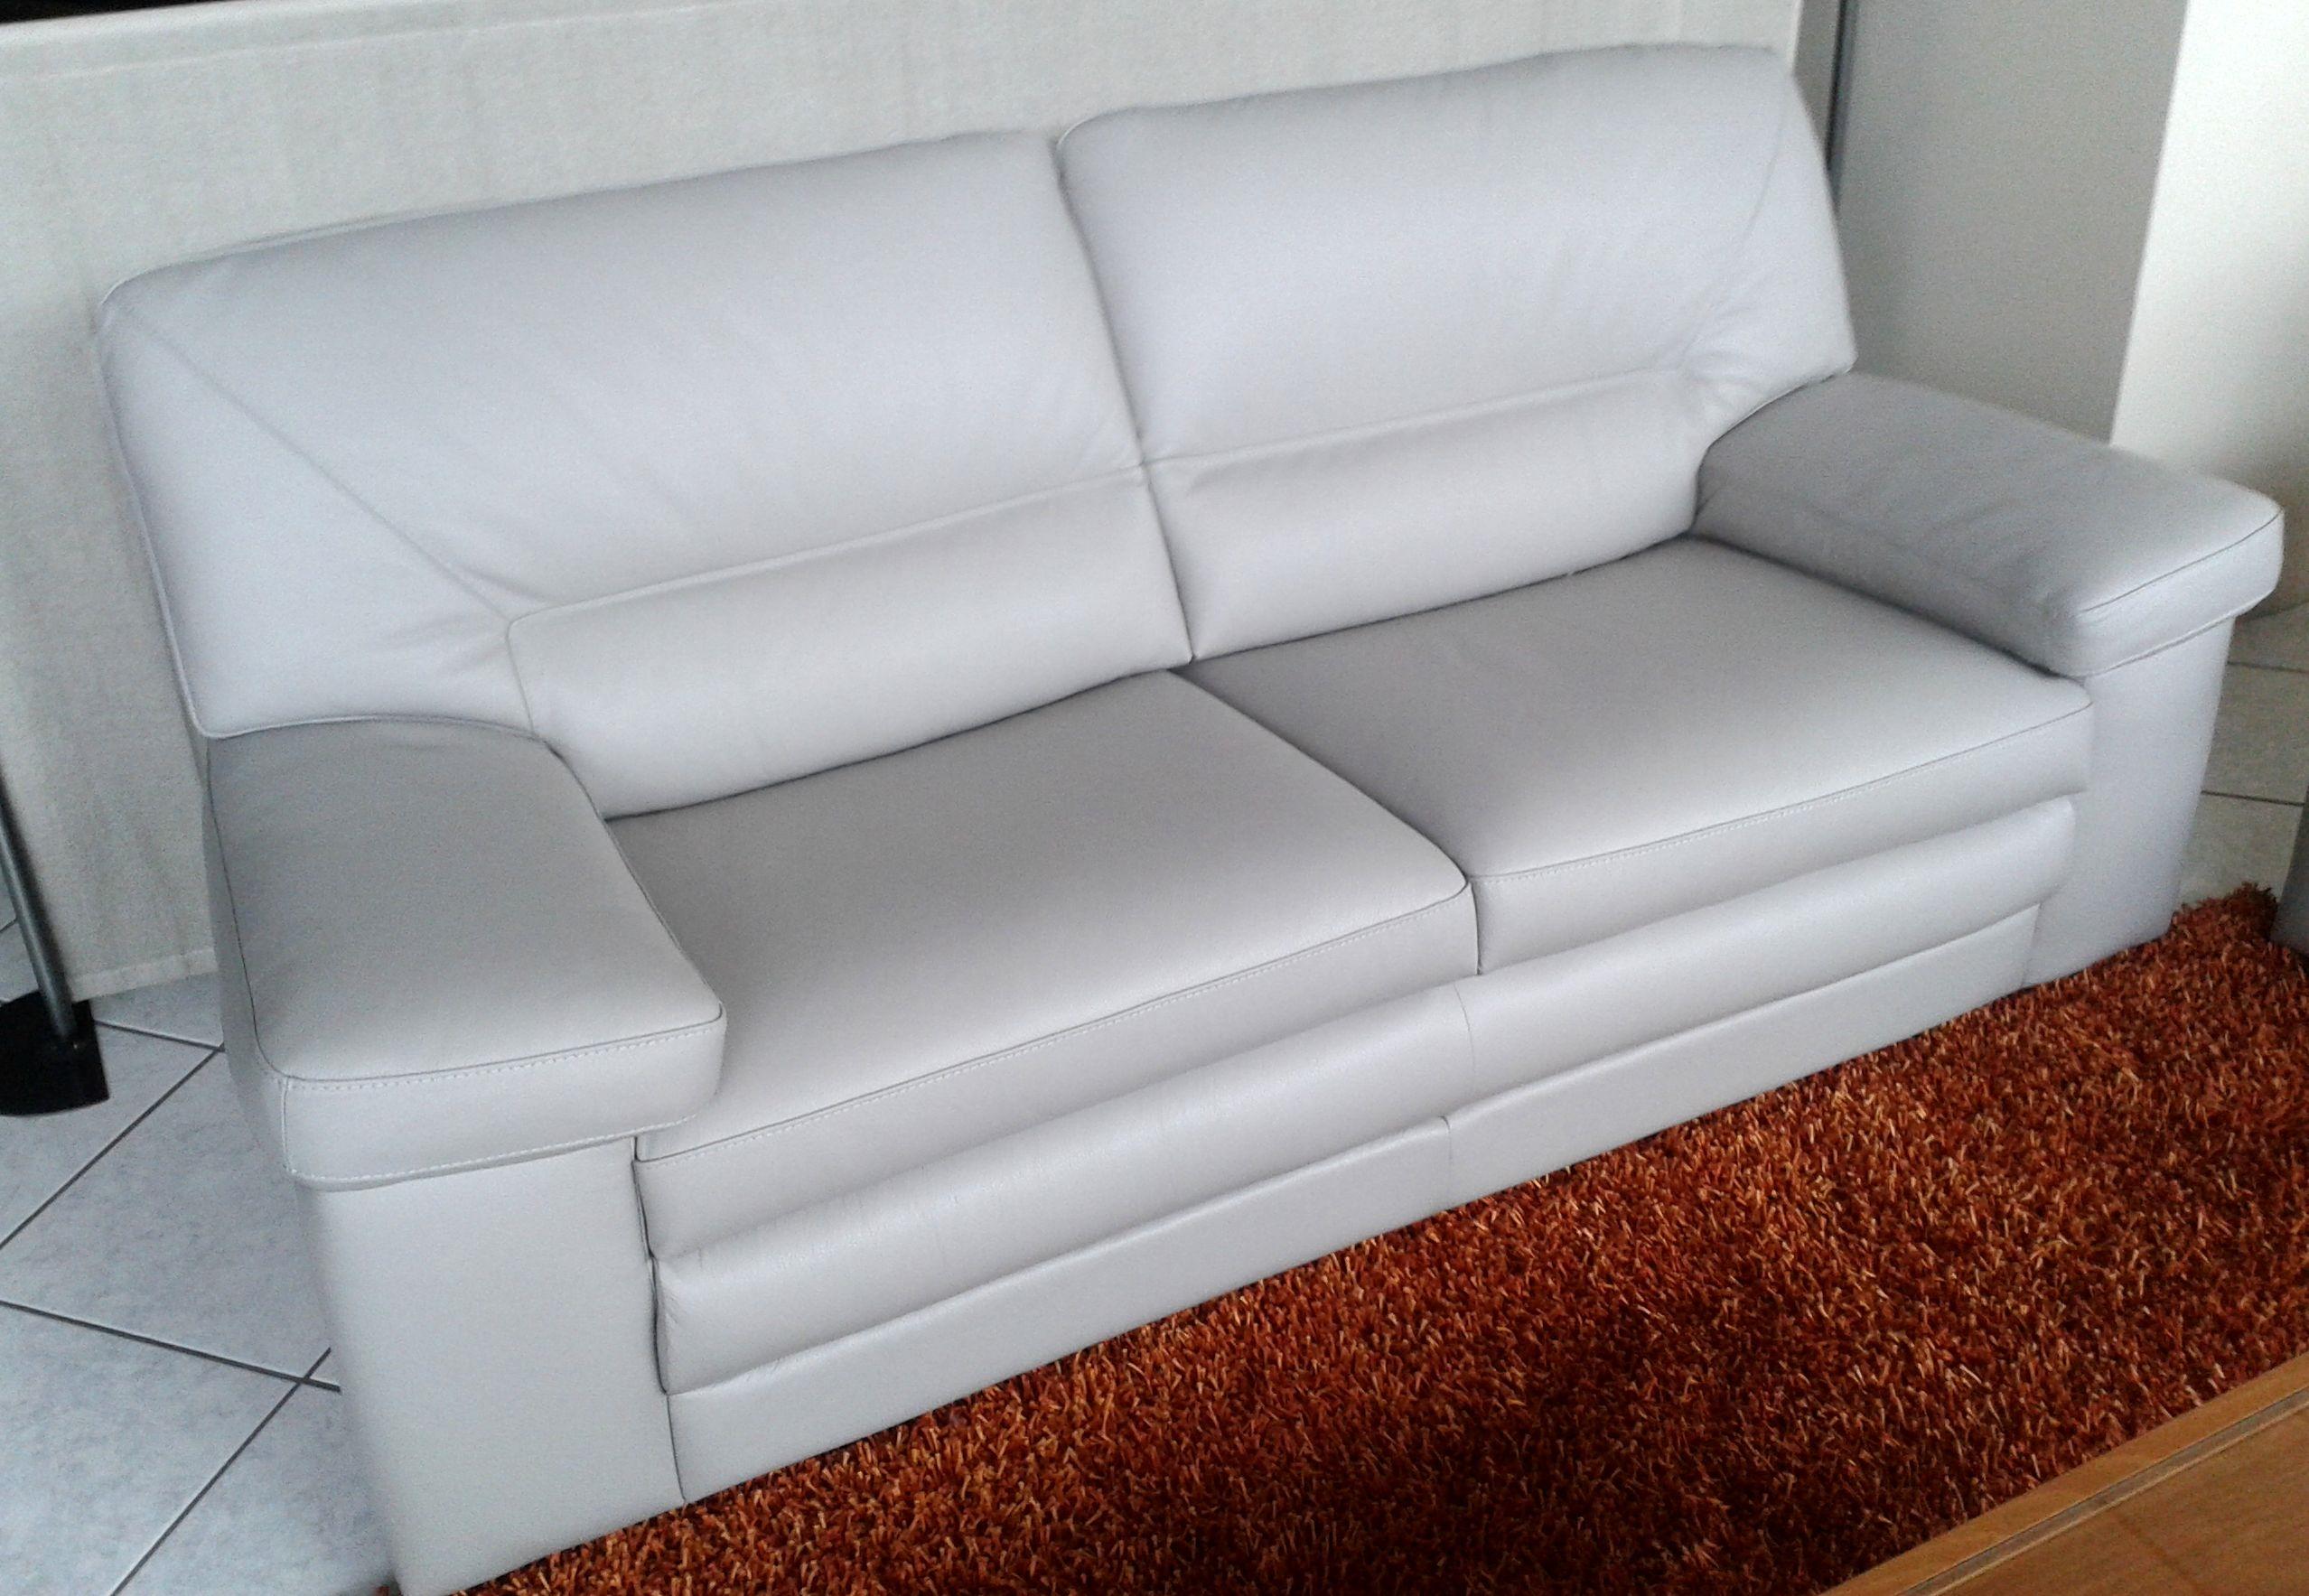 Divani pelle prezzi idee per il design della casa for Divani e divani in pelle prezzi